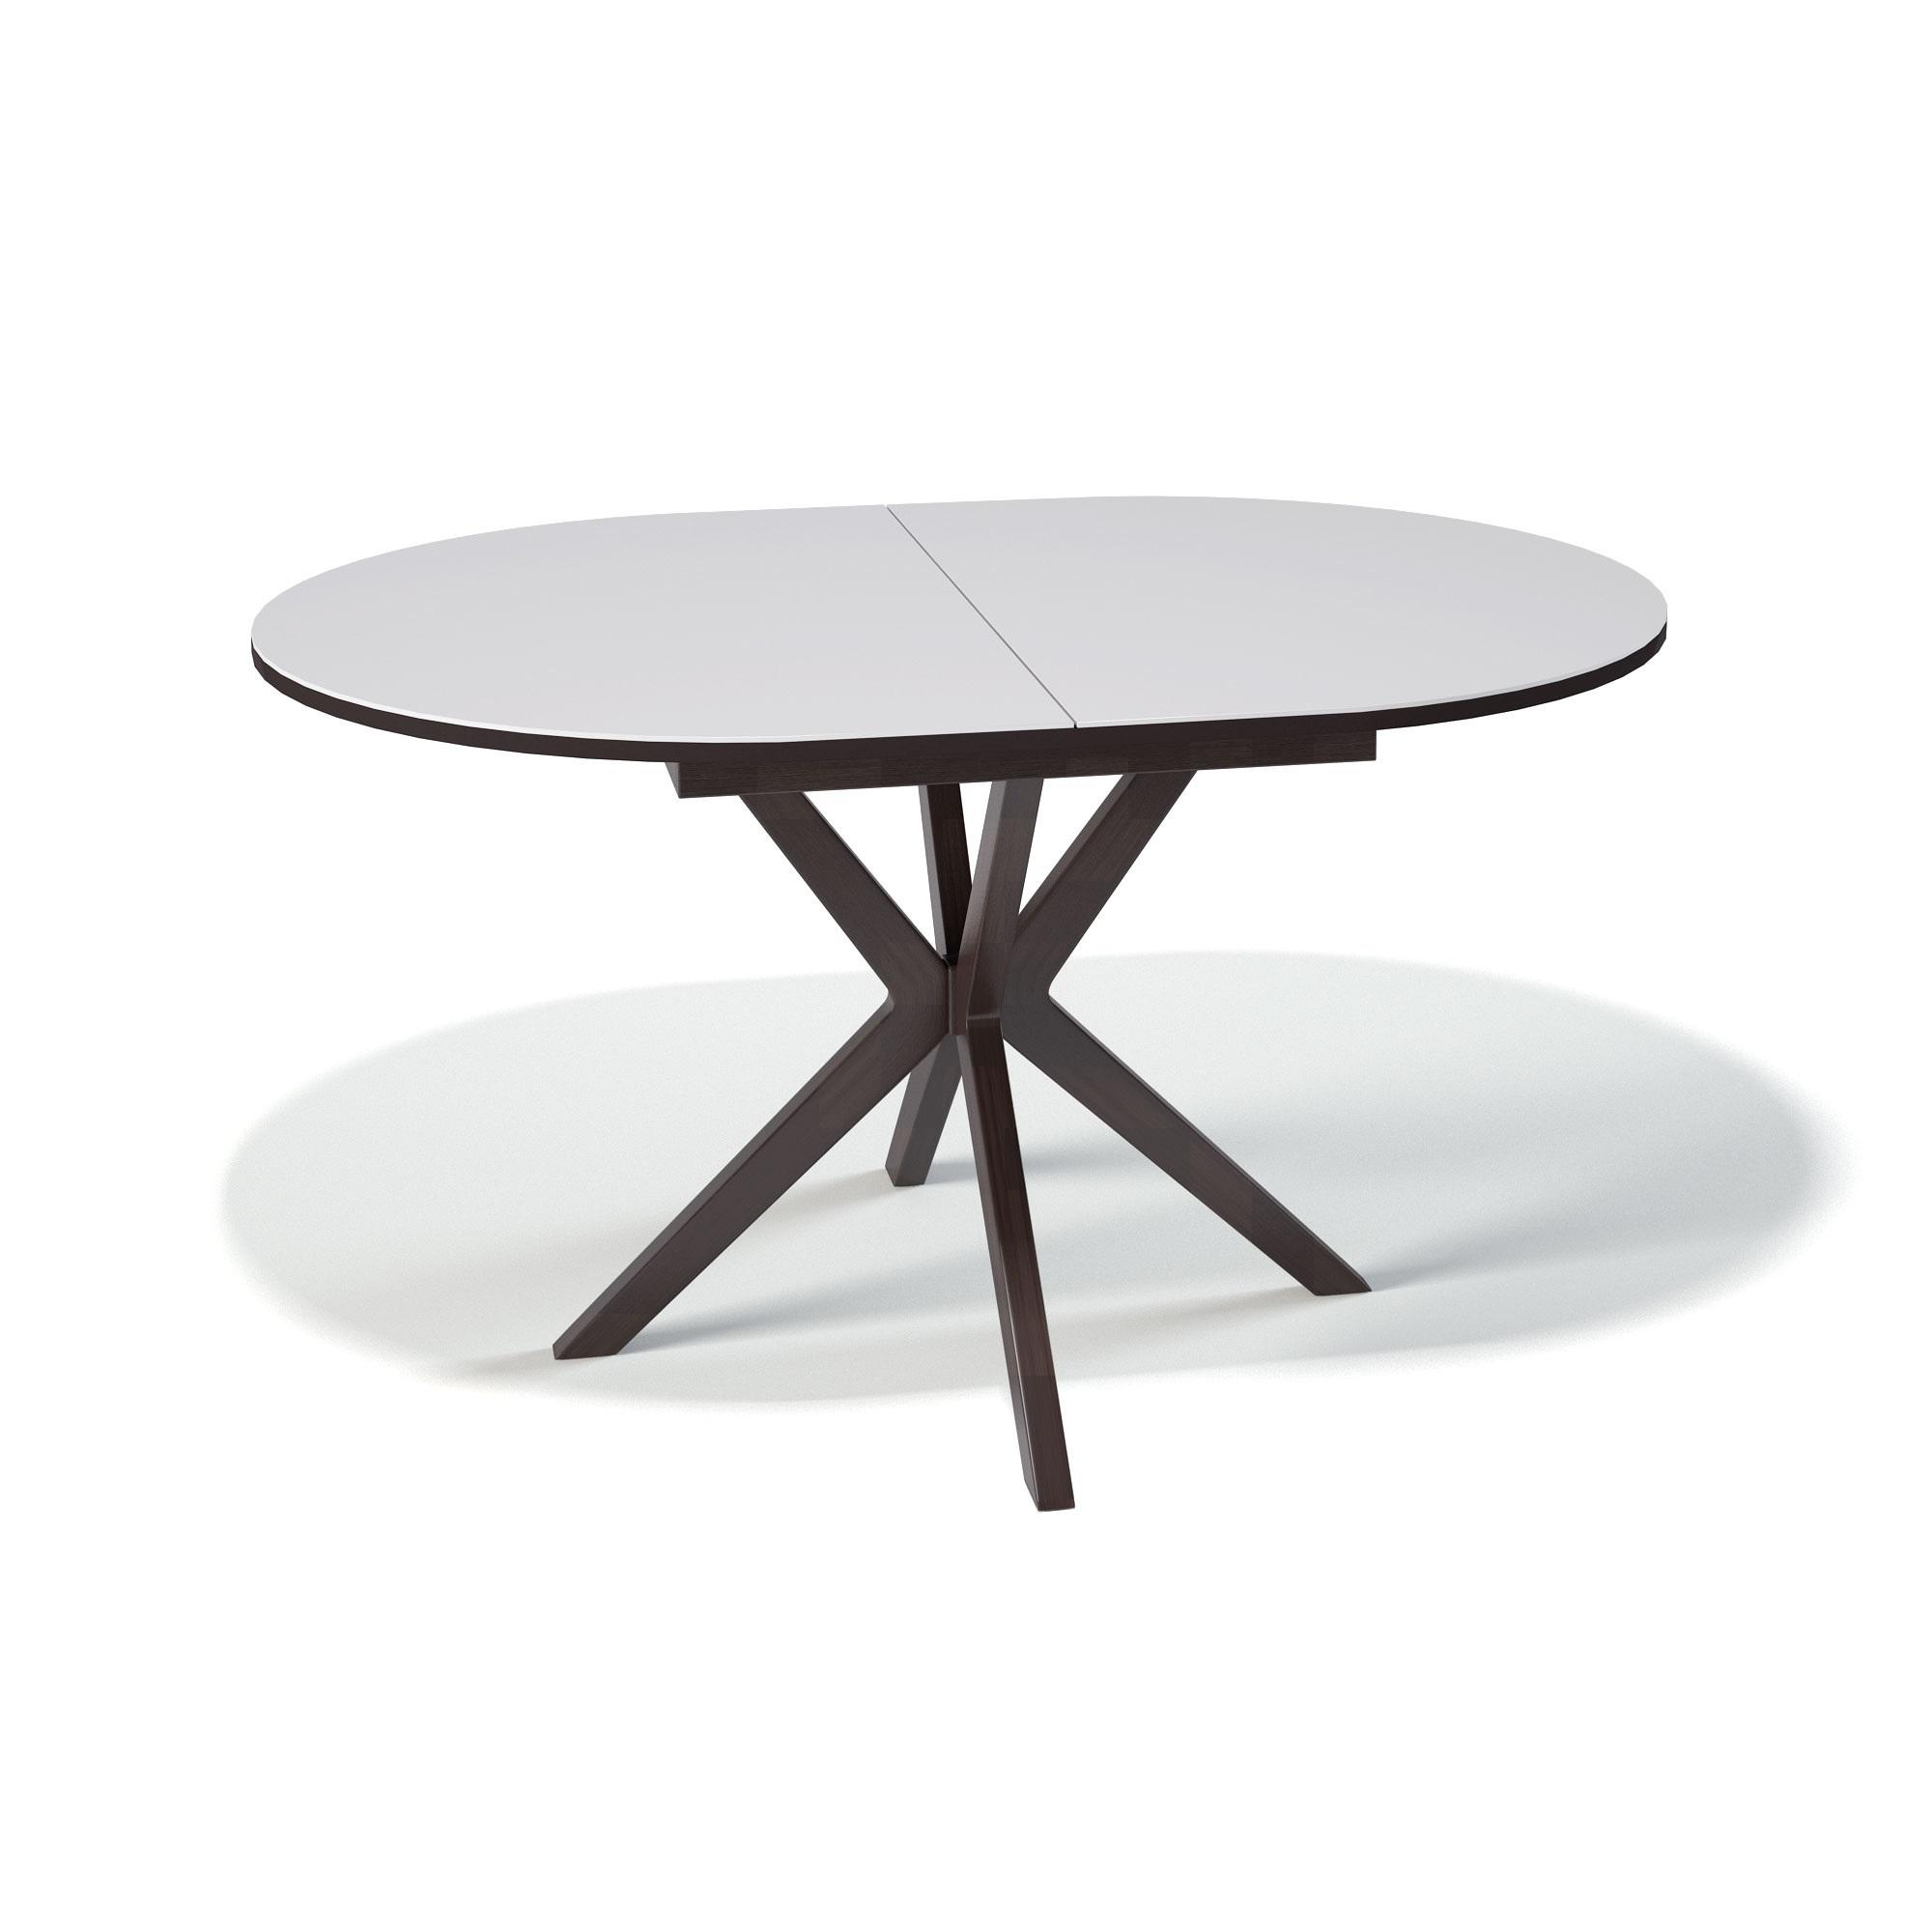 Стол обеденный KennerОбеденные столы<br>Основание - массив бука, столешница - сатинированное стекло (не оставляет следов от пальцев, не боится горячего/холодного, бытовой химии) + ДСП.&amp;amp;nbsp;&amp;lt;div&amp;gt;Механизм раскладки - синхронный.&amp;amp;nbsp;&amp;lt;/div&amp;gt;&amp;lt;div&amp;gt;Габариты столешницы в разложенном виде: 175х90 см.&amp;lt;/div&amp;gt;<br><br>Material: Стекло<br>Ширина см: 130.0<br>Высота см: 76.0<br>Глубина см: 90.0